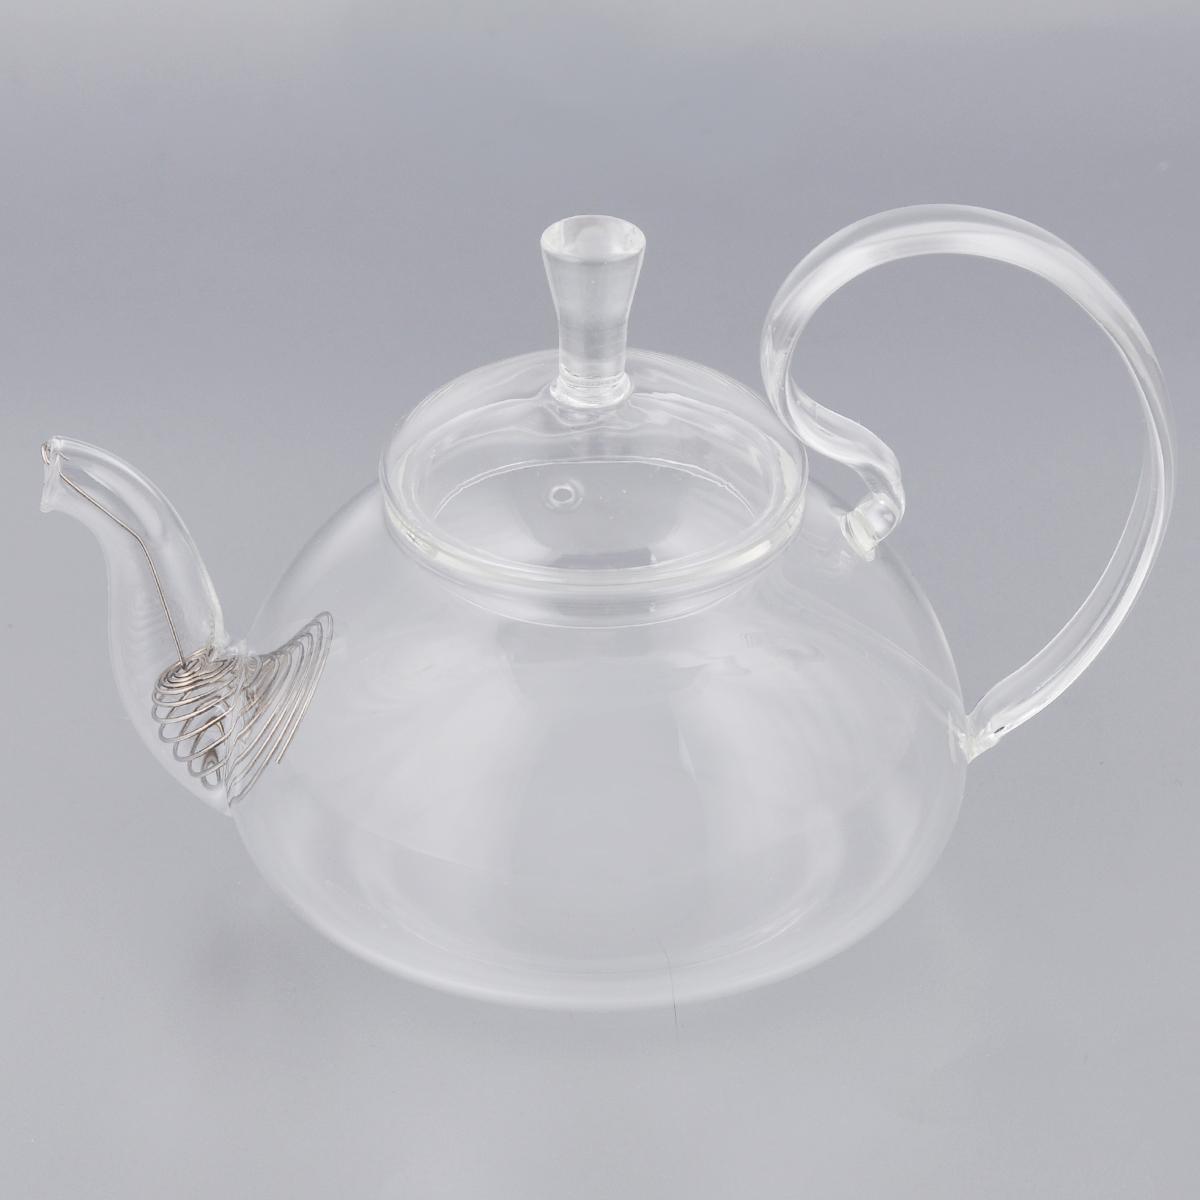 Чайник заварочный Xinya Георгин, с фильтр-пружинкой, 500 мл02383Элегантный чайник Xinya Георгин, изготовленный из высококачественного стекла, порадует своей оригинальной формой. Изящная изогнутая ручка позволяет крепко держать чайник в руке. Крышка уберегает от ожогов, а оригинальное сито, зафиксированное на носике чайника, прекрасно фильтрует чайный настой. Изделие предназначено для подачи как горячих, так и холодных напитков. Заварочный чайник Xinya Георгин станет великолепным подарком для любителей чая. Диаметр чайника (по верхнему краю): 7 см. Высота чайника (без учета крышки): 8 см.